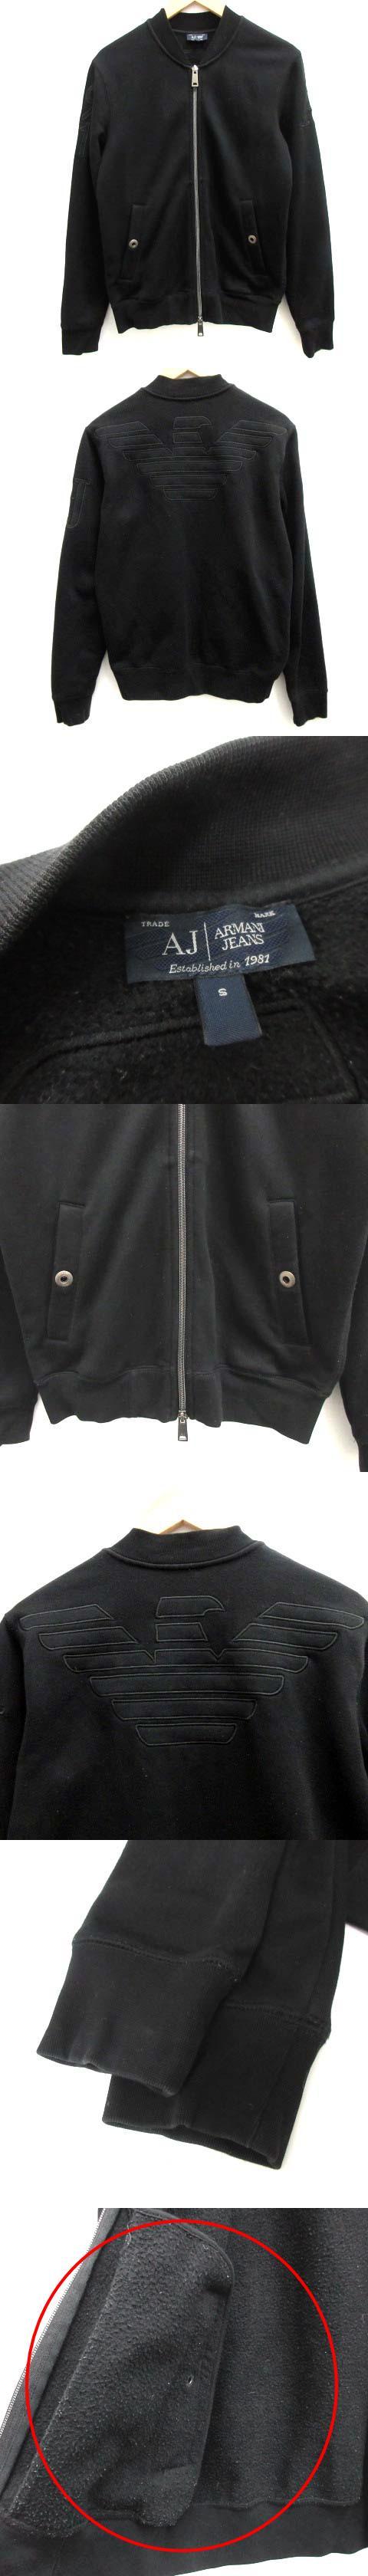 S ジャケット ジップアップ 黒 ブラック /EK